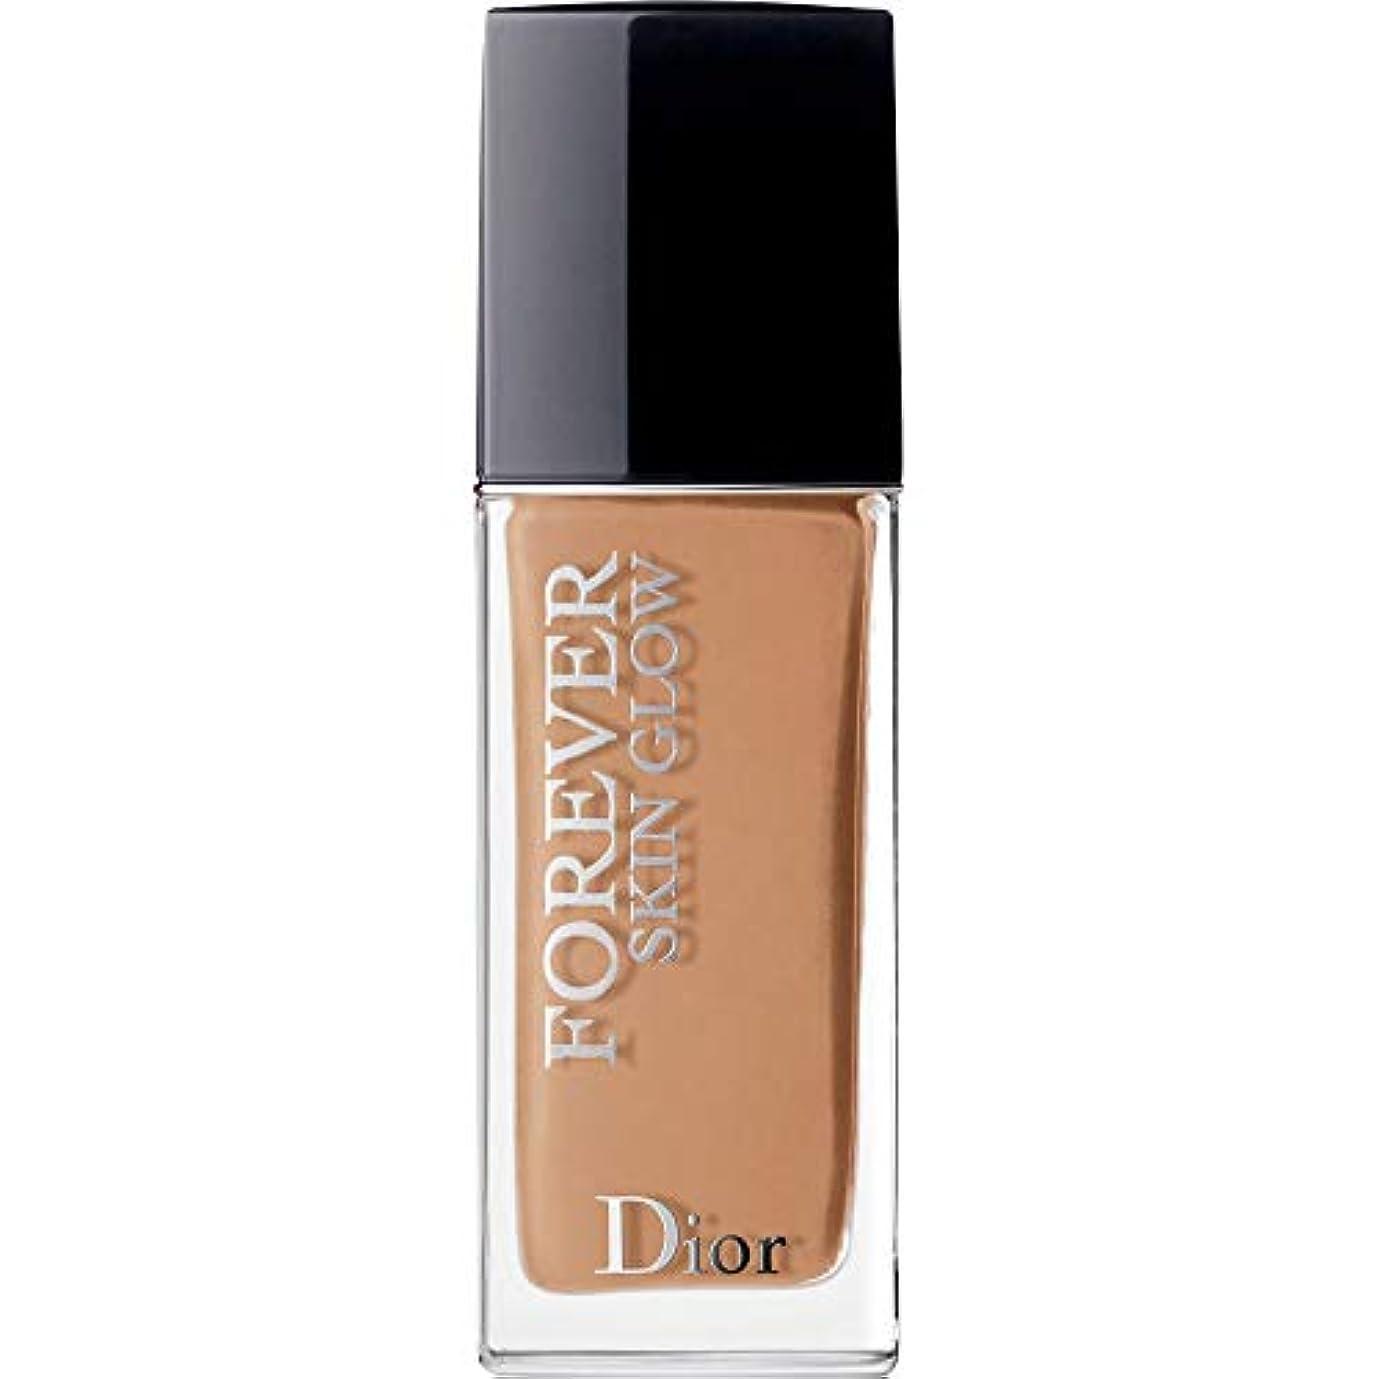 ビールキャンベラ薬[Dior ] ディオール永遠肌の輝き肌思いやりの基礎Spf35 30ミリリットルの4.5ワット - 暖かい(肌の輝き) - DIOR Forever Skin Glow Skin-Caring Foundation SPF35...